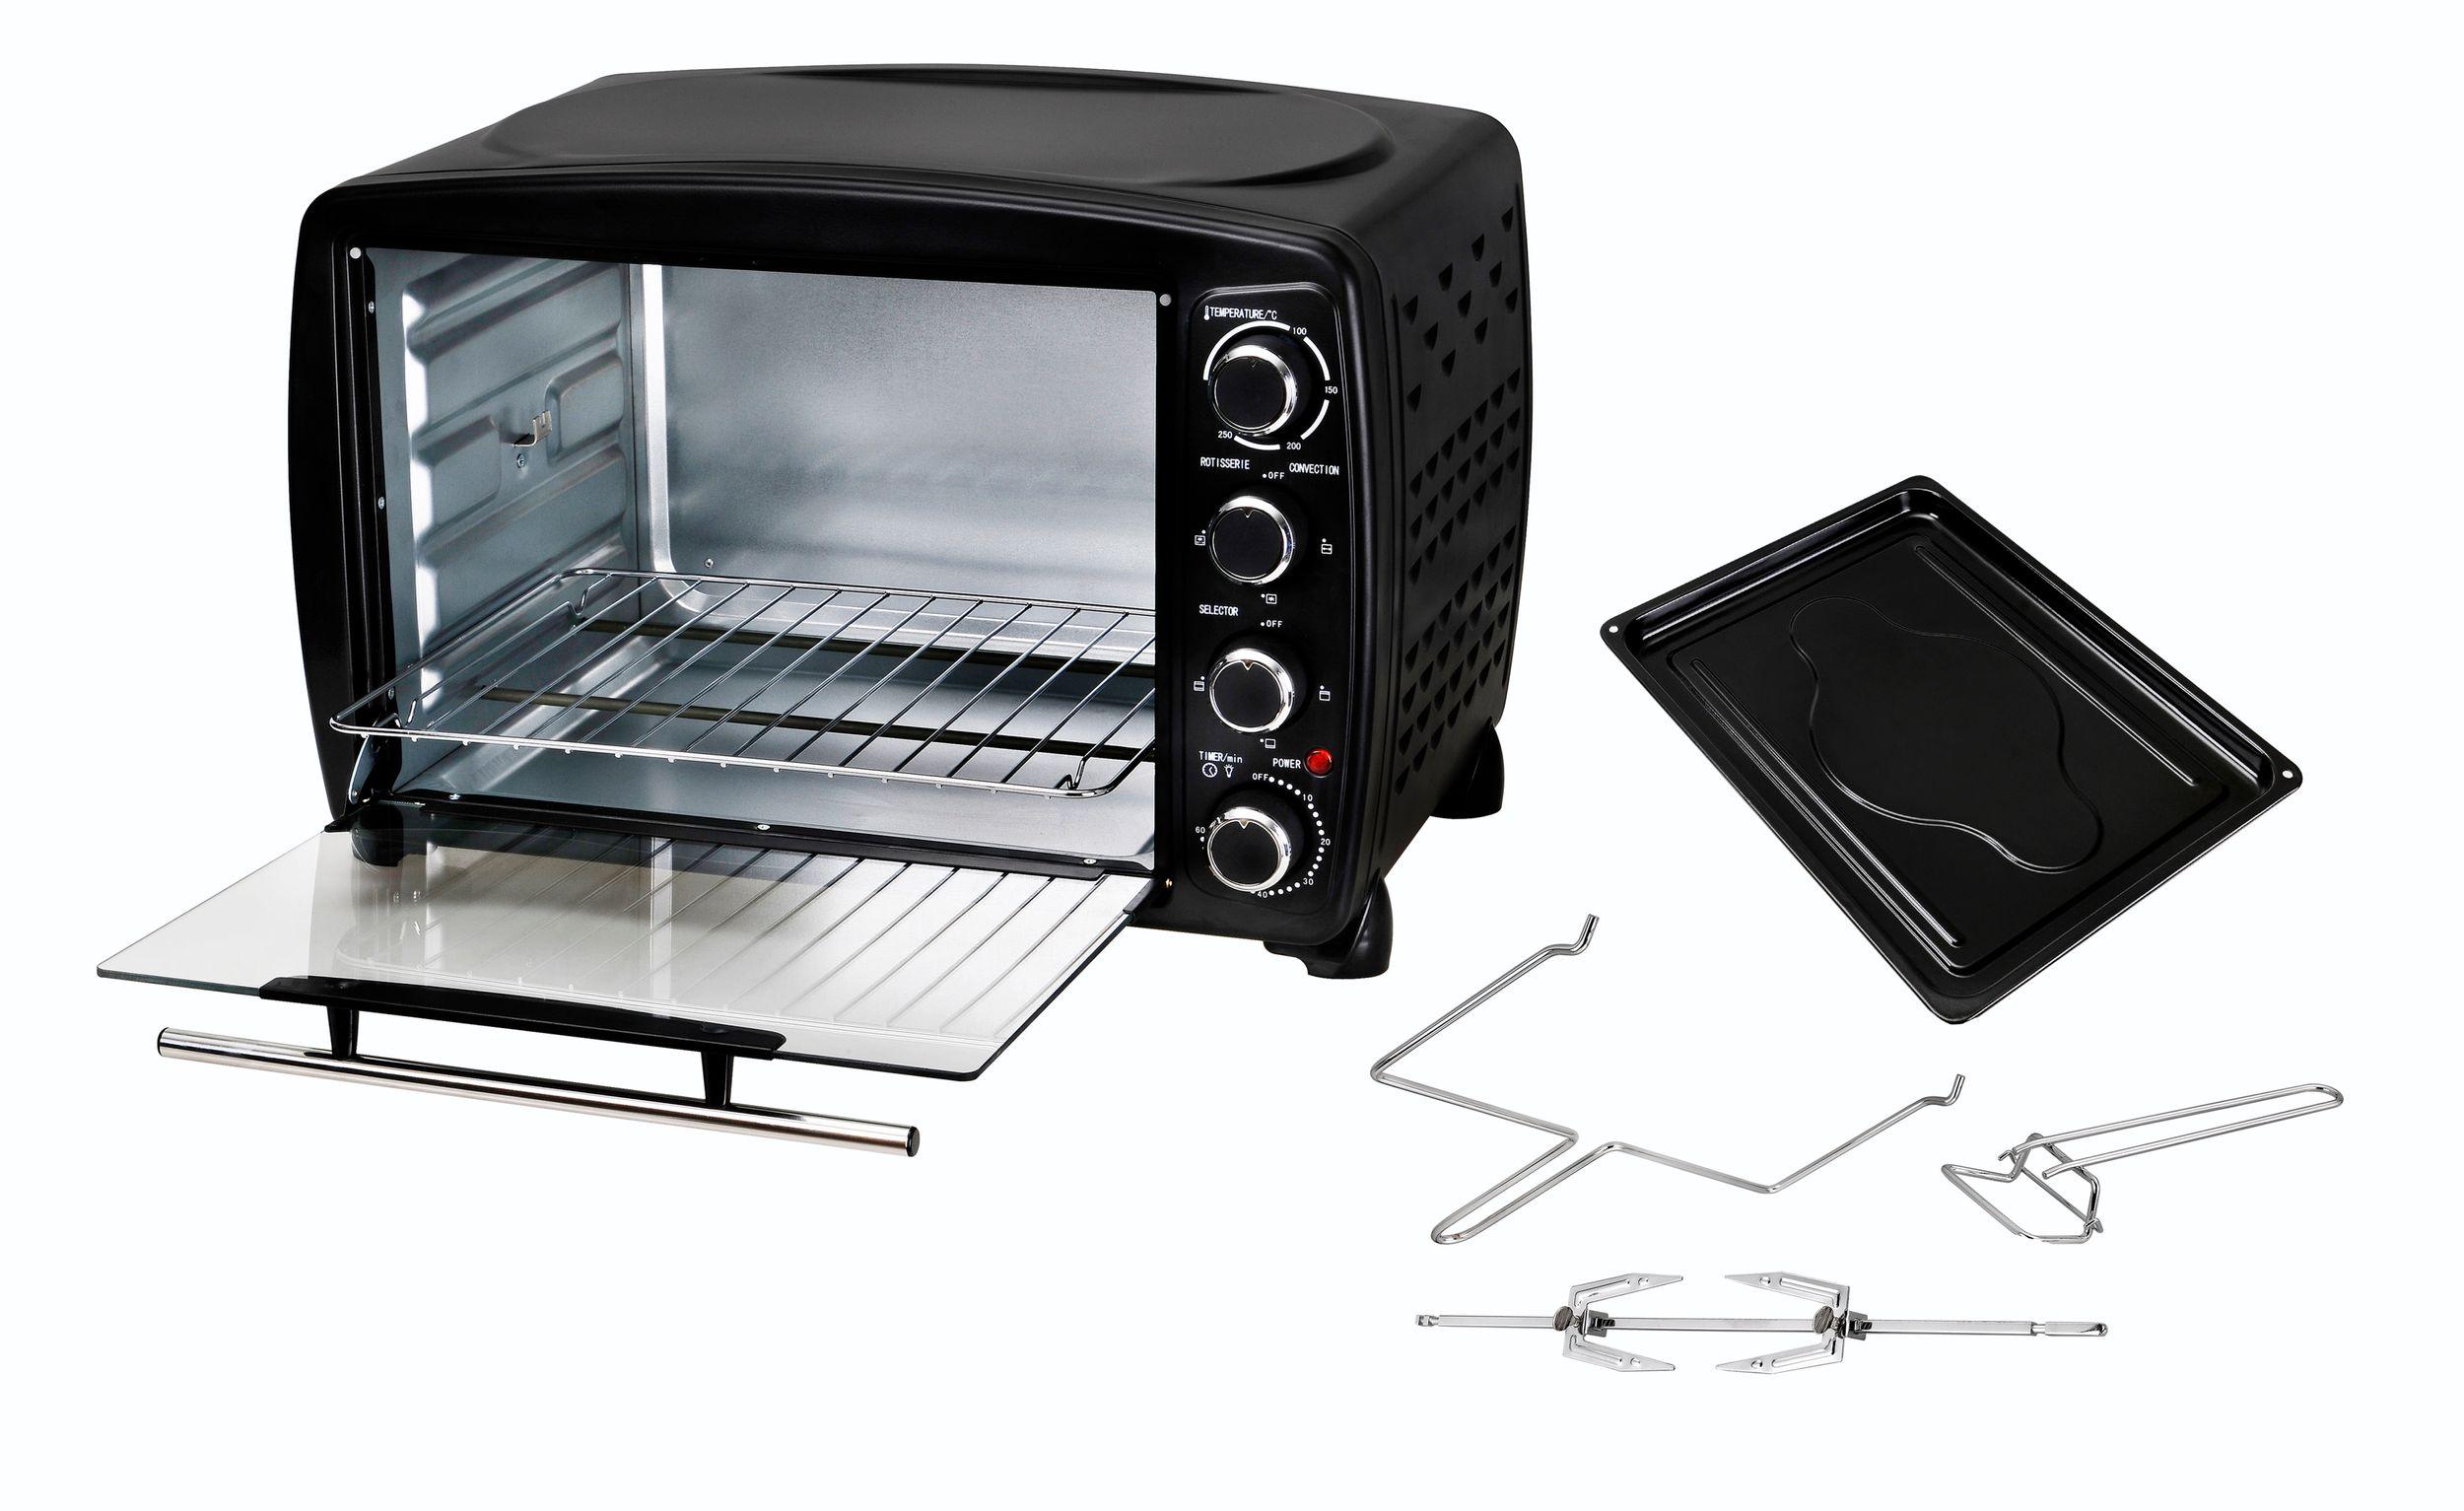 Multiofen 40L Drehspieß Grill Umluft Beleuchtung bis 250°C schwarz (Karton beschädigt)*28601 Bild 5